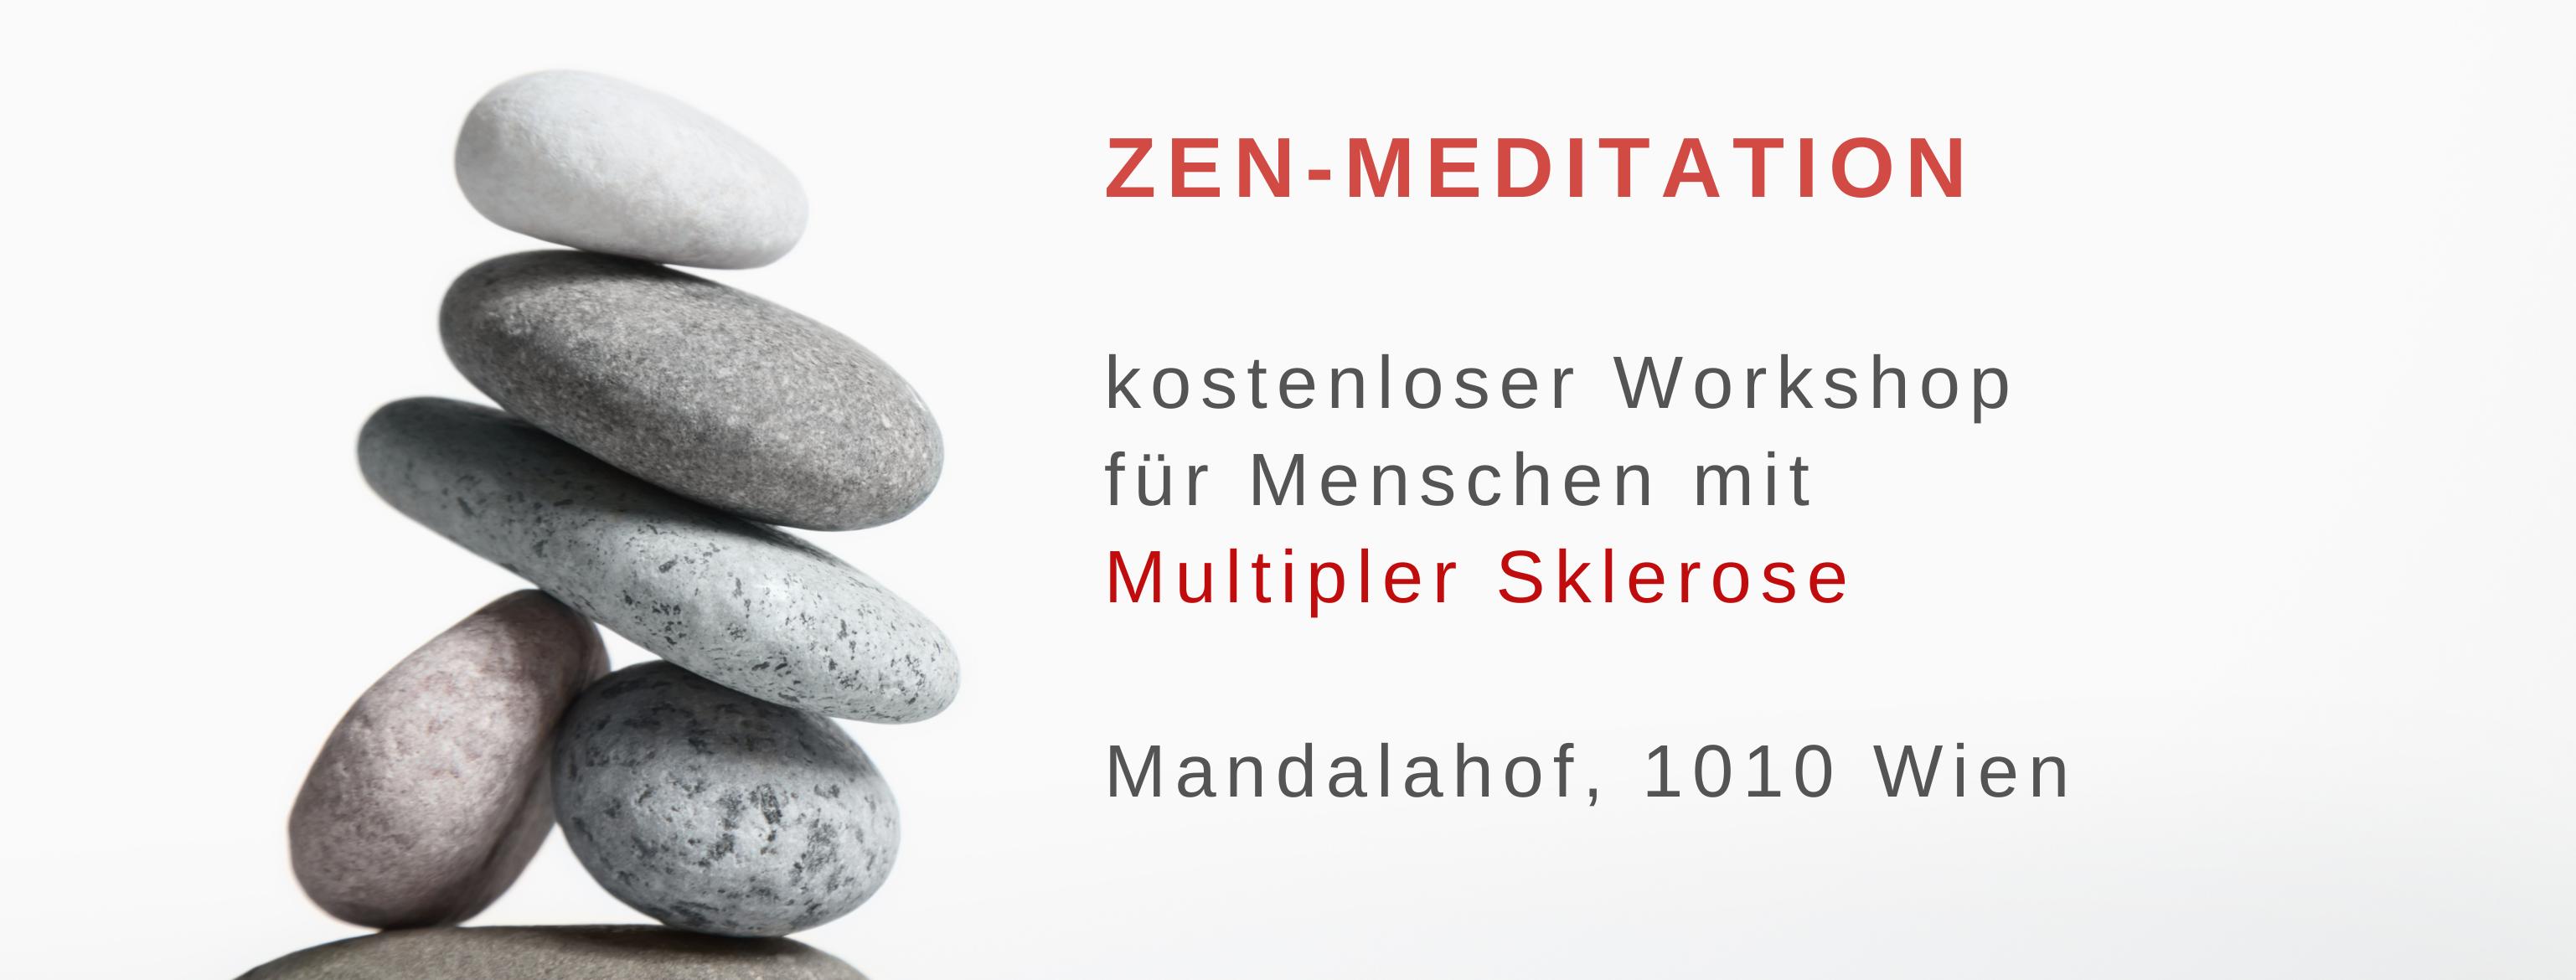 Zen-Meditation für Menschen mit Multipler Sklerose. Kostenlose Workshops mit Dr. Wolfgang Huber im Mandalahof, 1010 Wien.